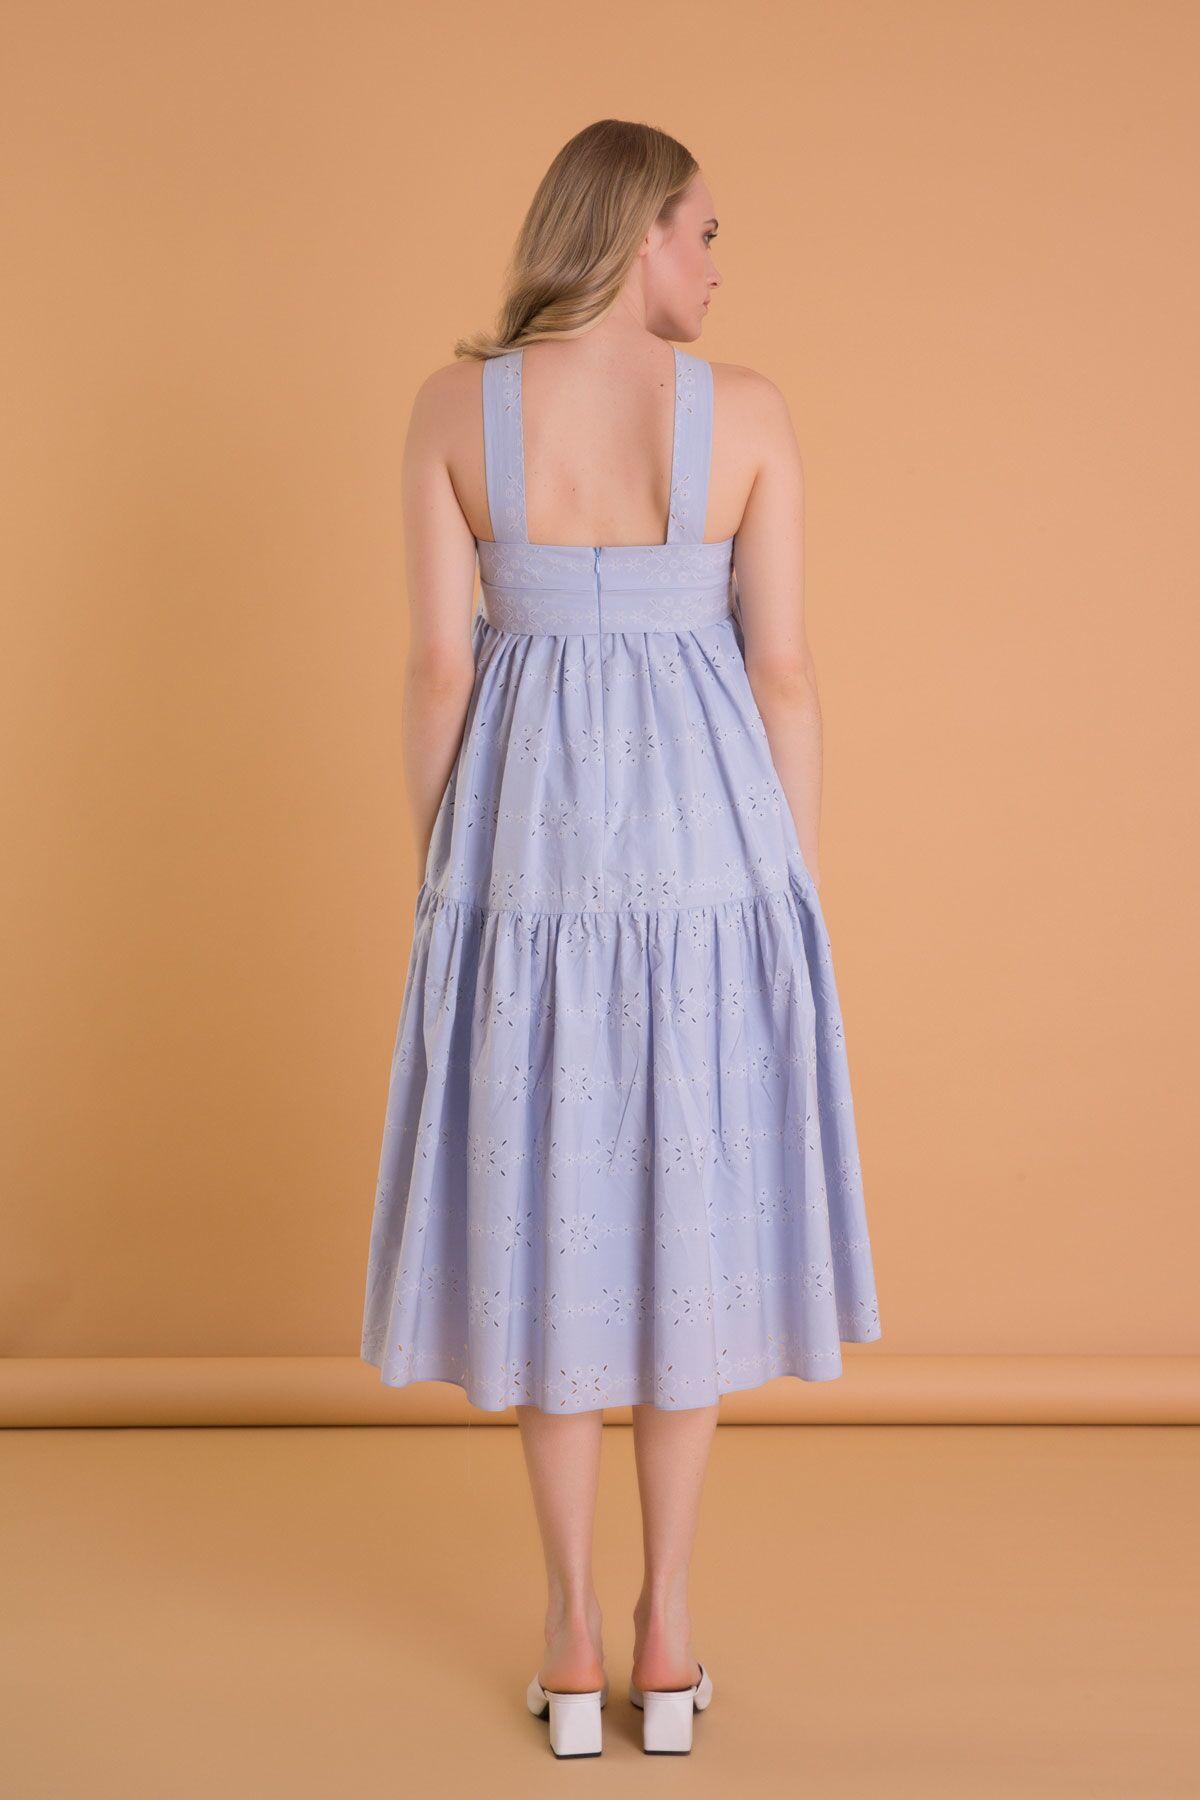 Brode Detaylı A Form Askılı Uzun Elbise